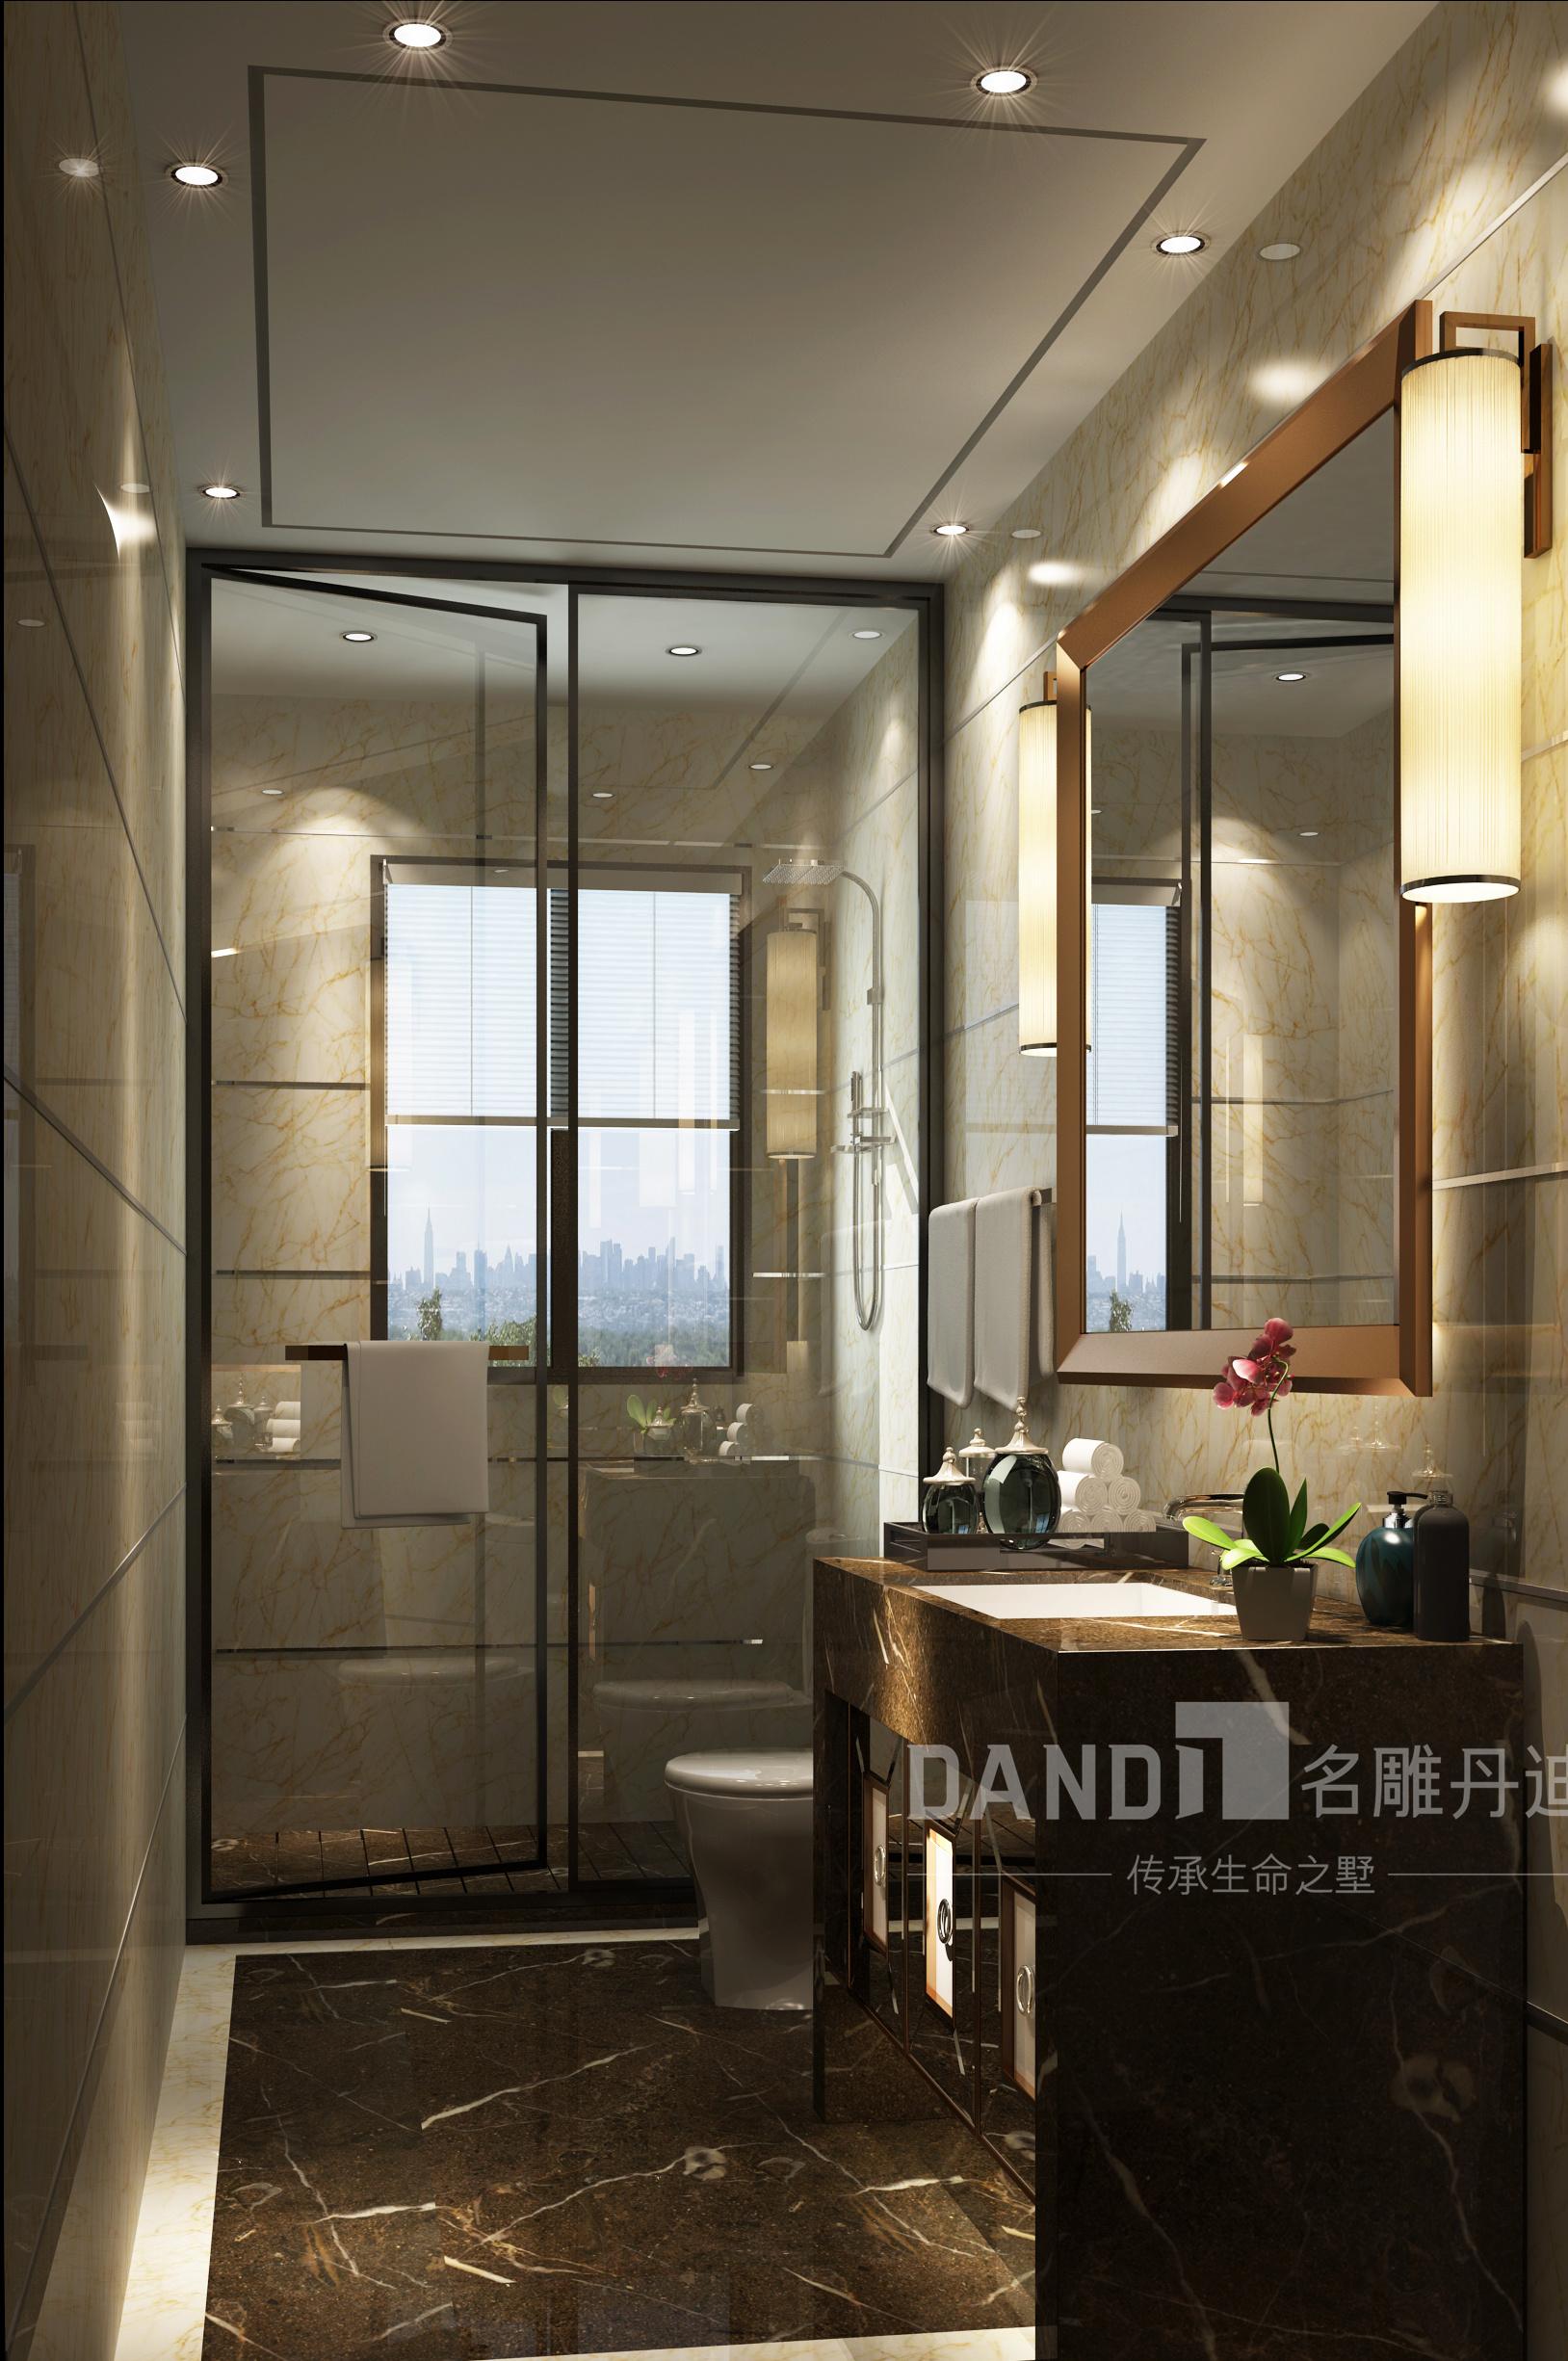 简约 别墅 现代 卫生间图片来自名雕丹迪在山语湖别墅的分享